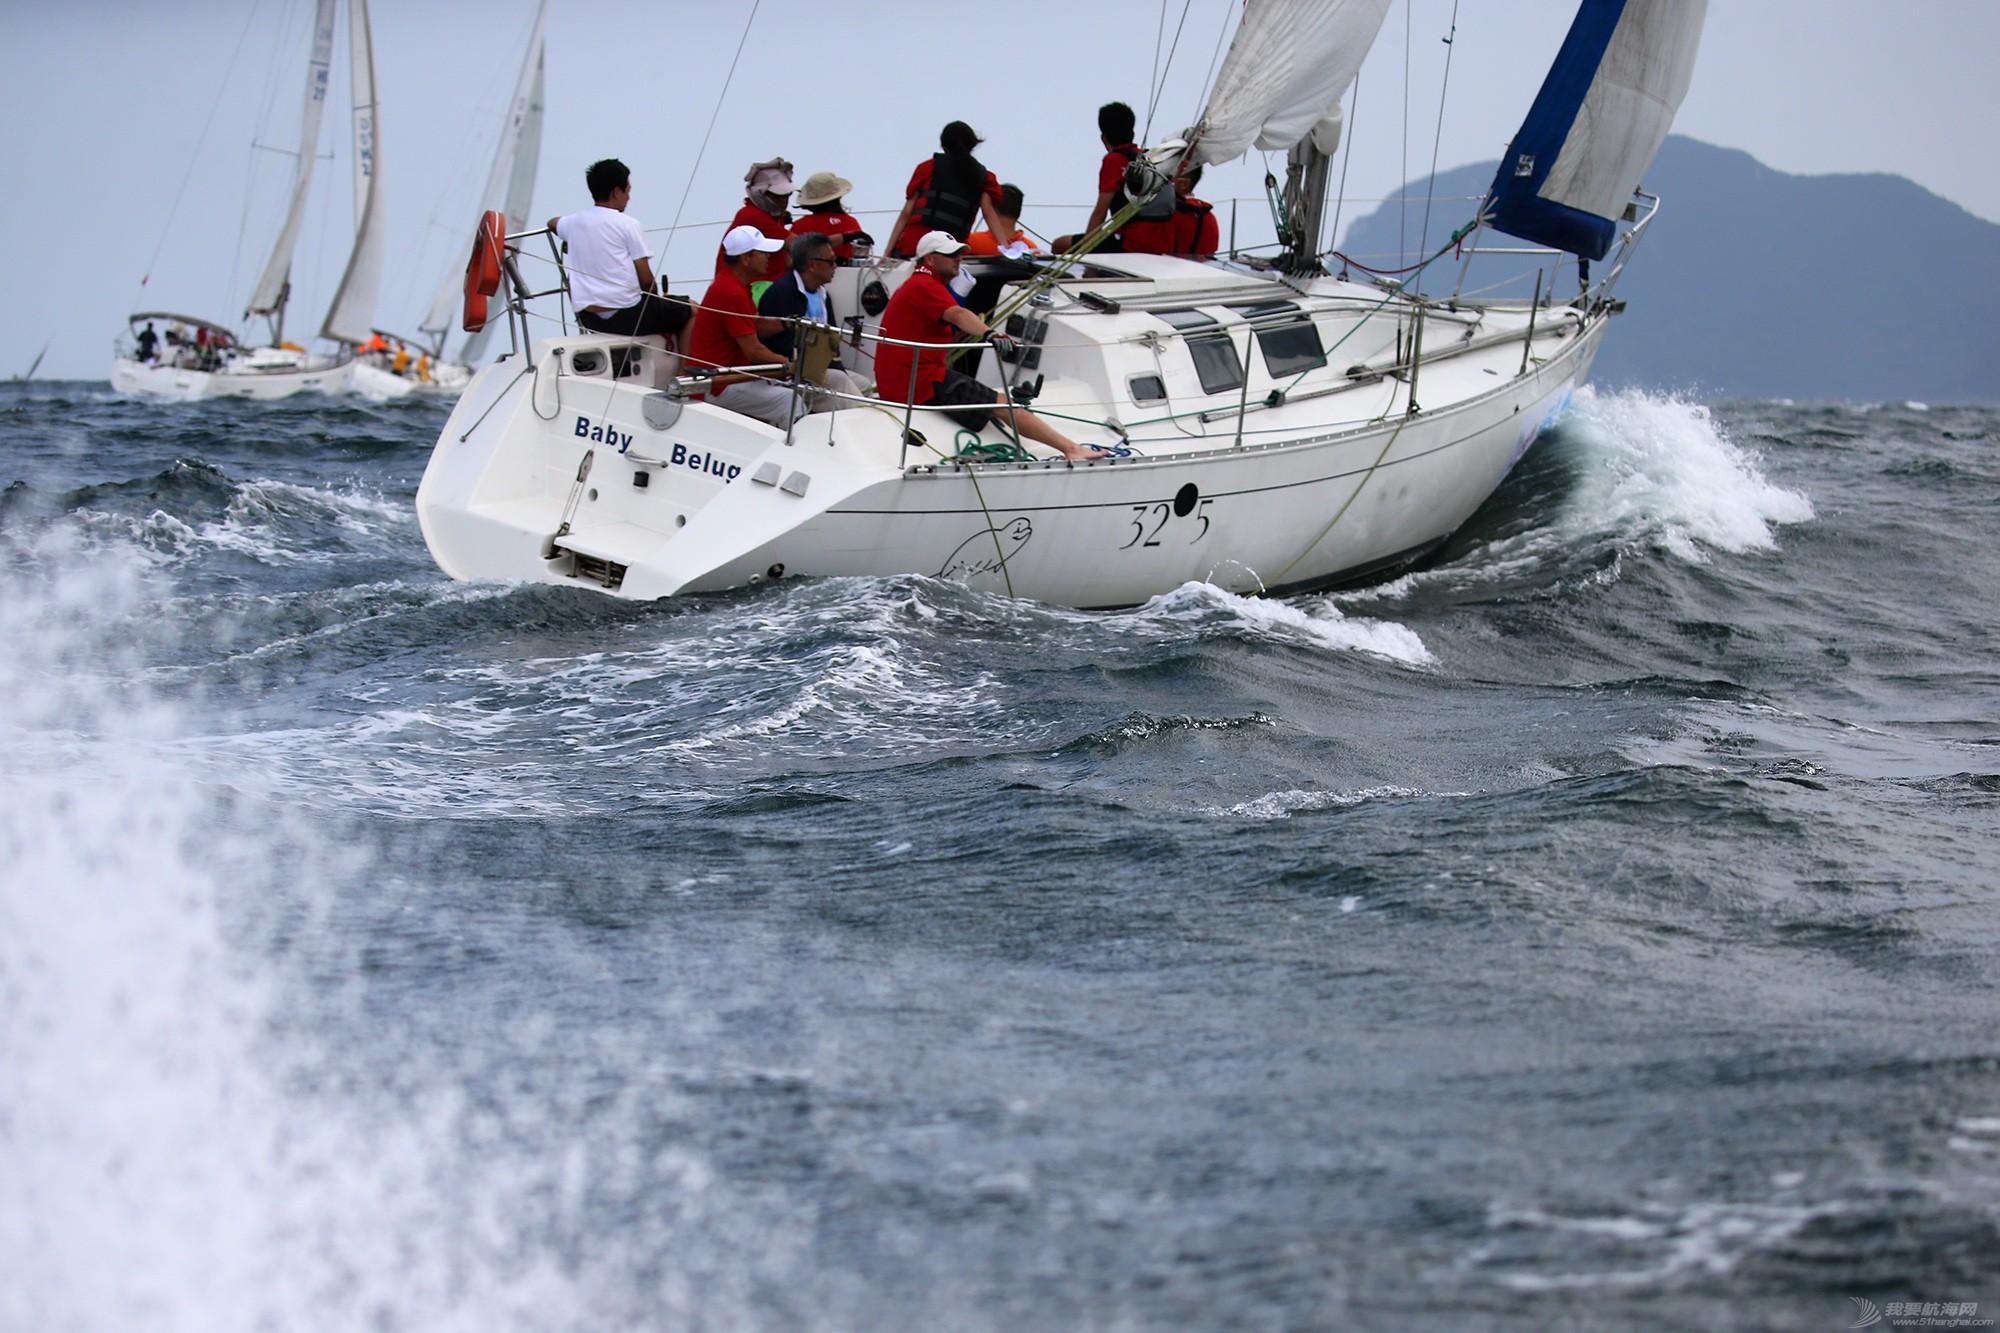 中国 中国杯帆船赛第三日——无风不起浪,雨中见刀枪 E78W7483.JPG